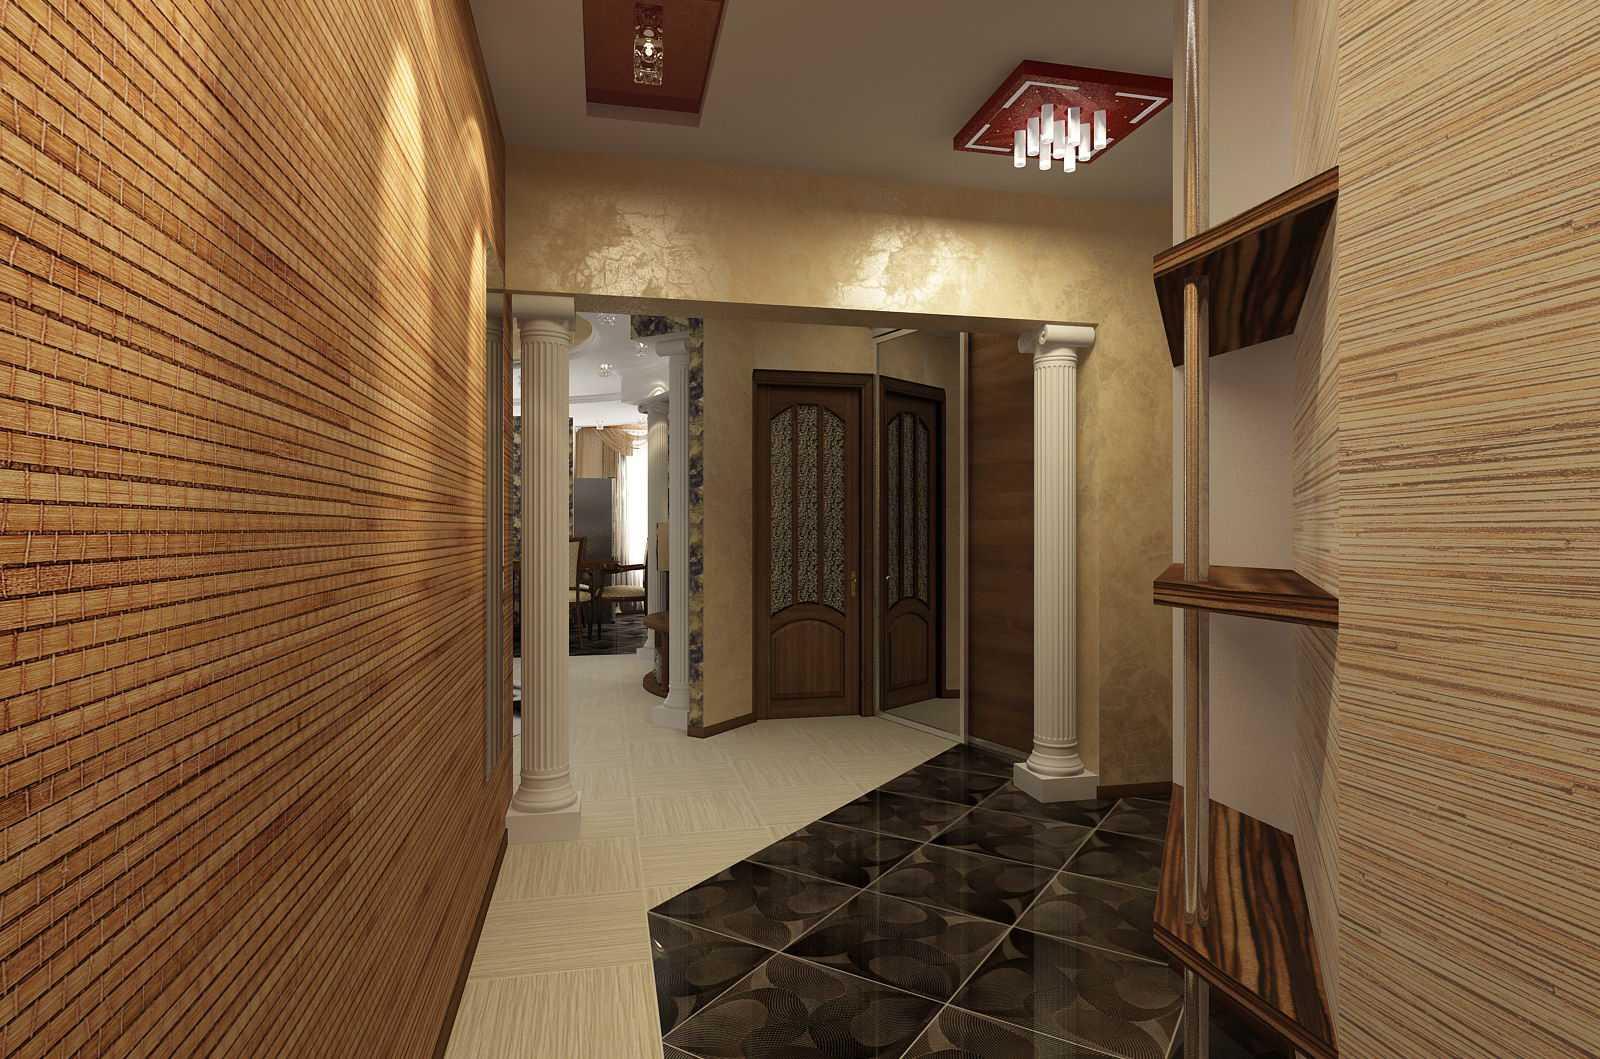 Как клеить бамбуковые обои на стену своими руками дома